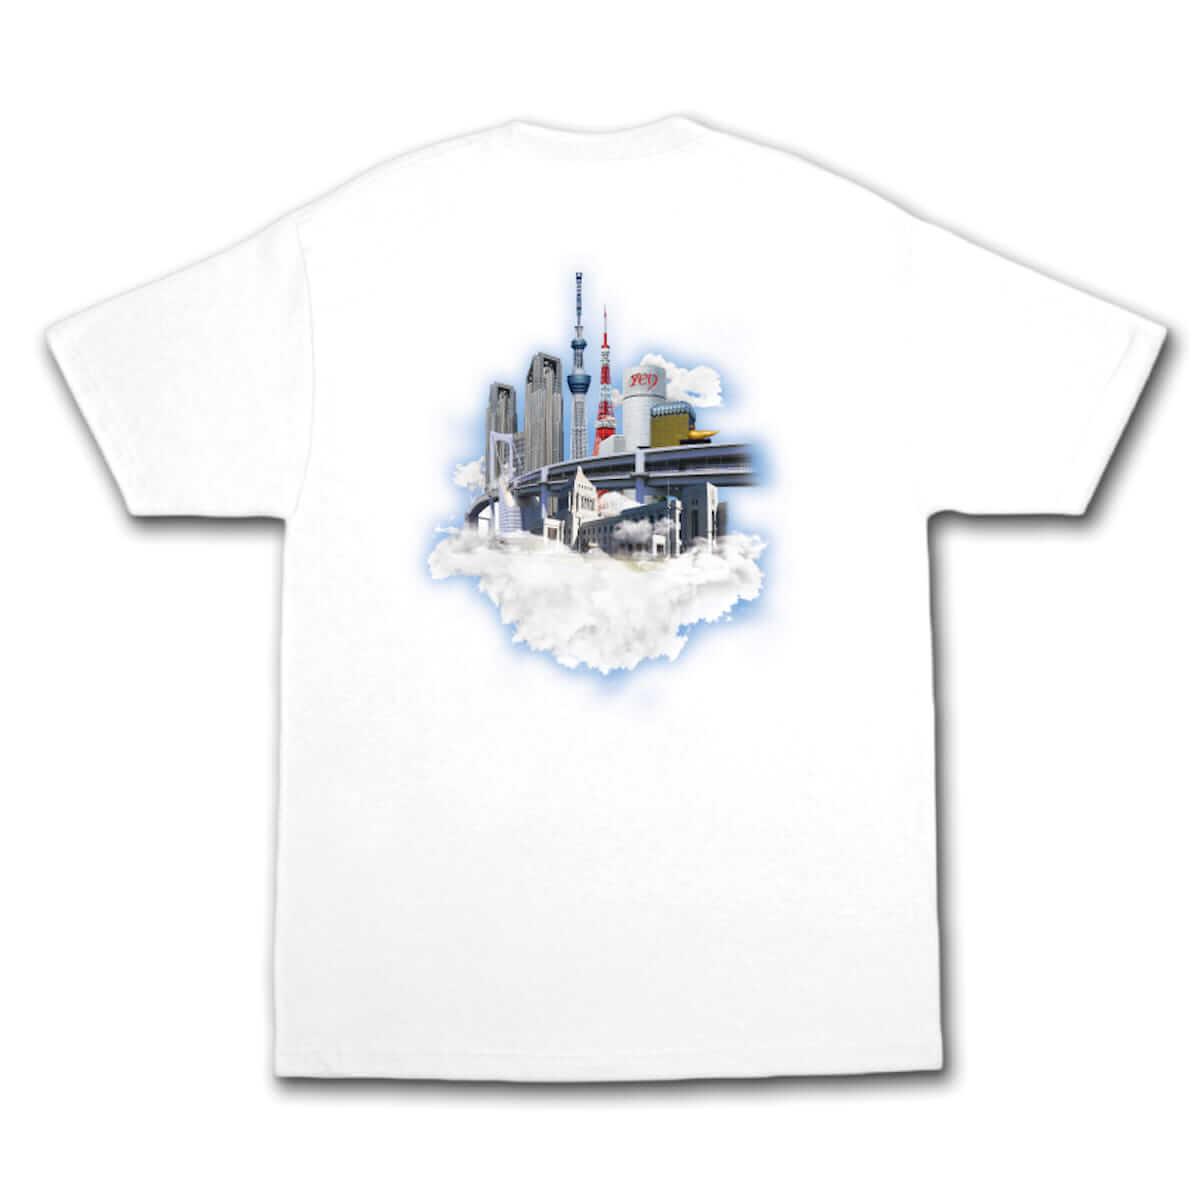 YENTOWNが大集合するイベント「YENJAMIN」の会場限定Tシャツのデザインが公開|kzm『DIMENSION』とAwichの新曲のリリパに music180714-yanjamin-5-1200x1200